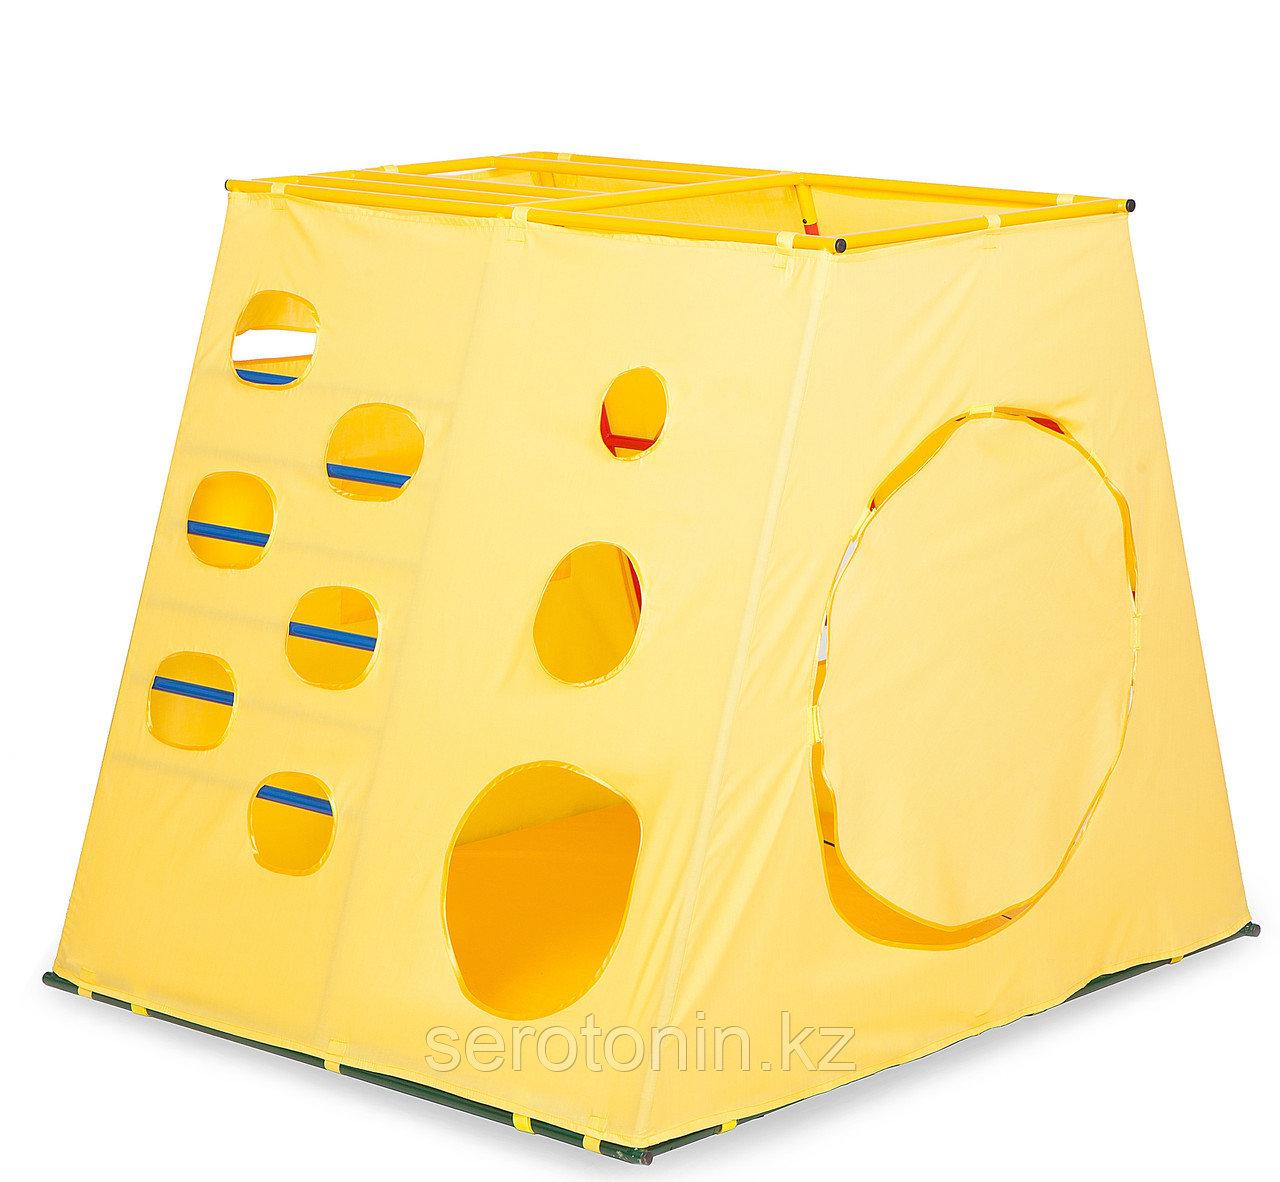 Игровой Чехол Сыр для Раннего Старта Люкс